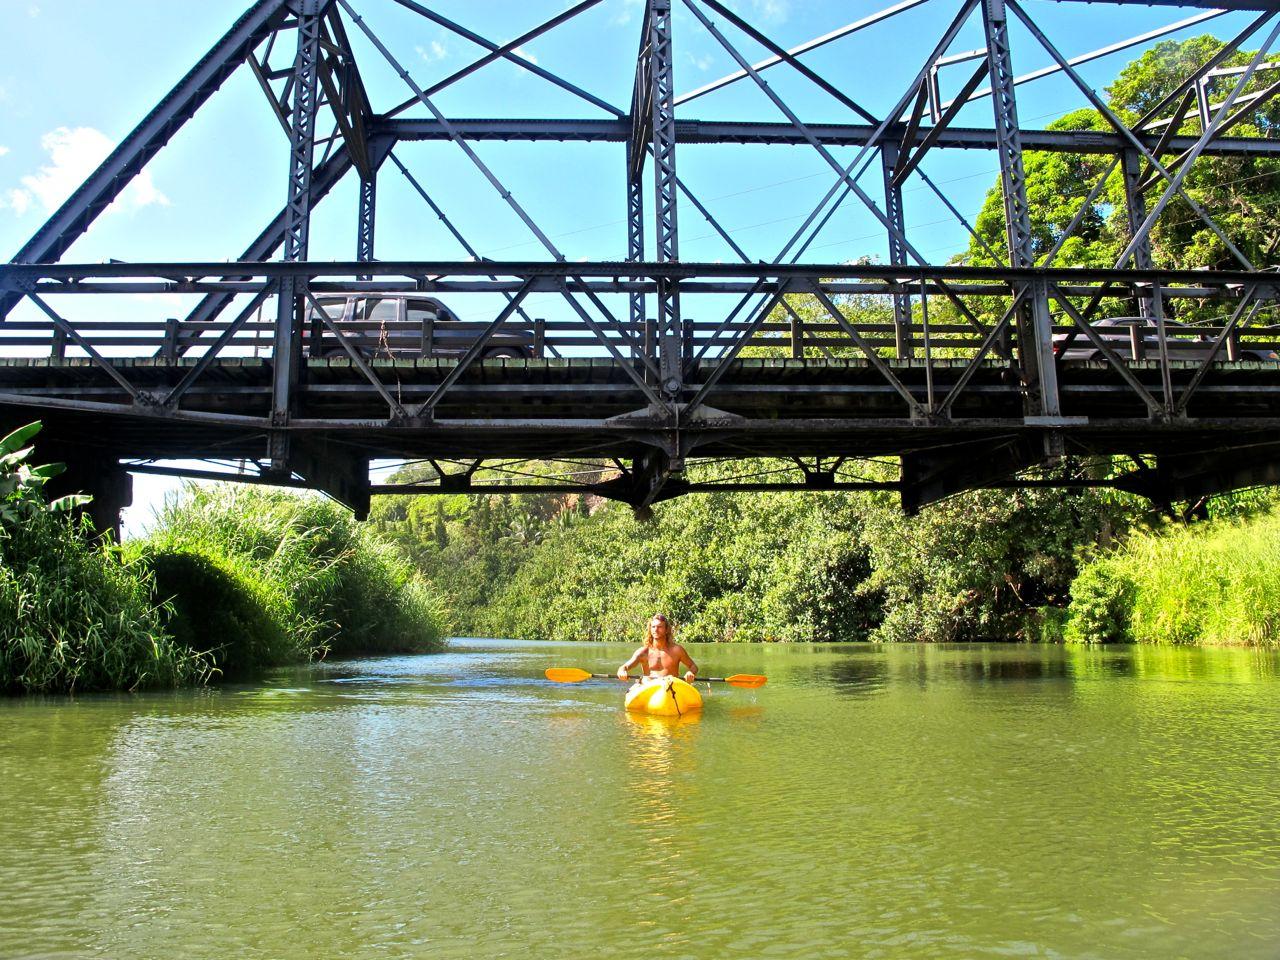 Alex kayaking under the Hanalei Bridge